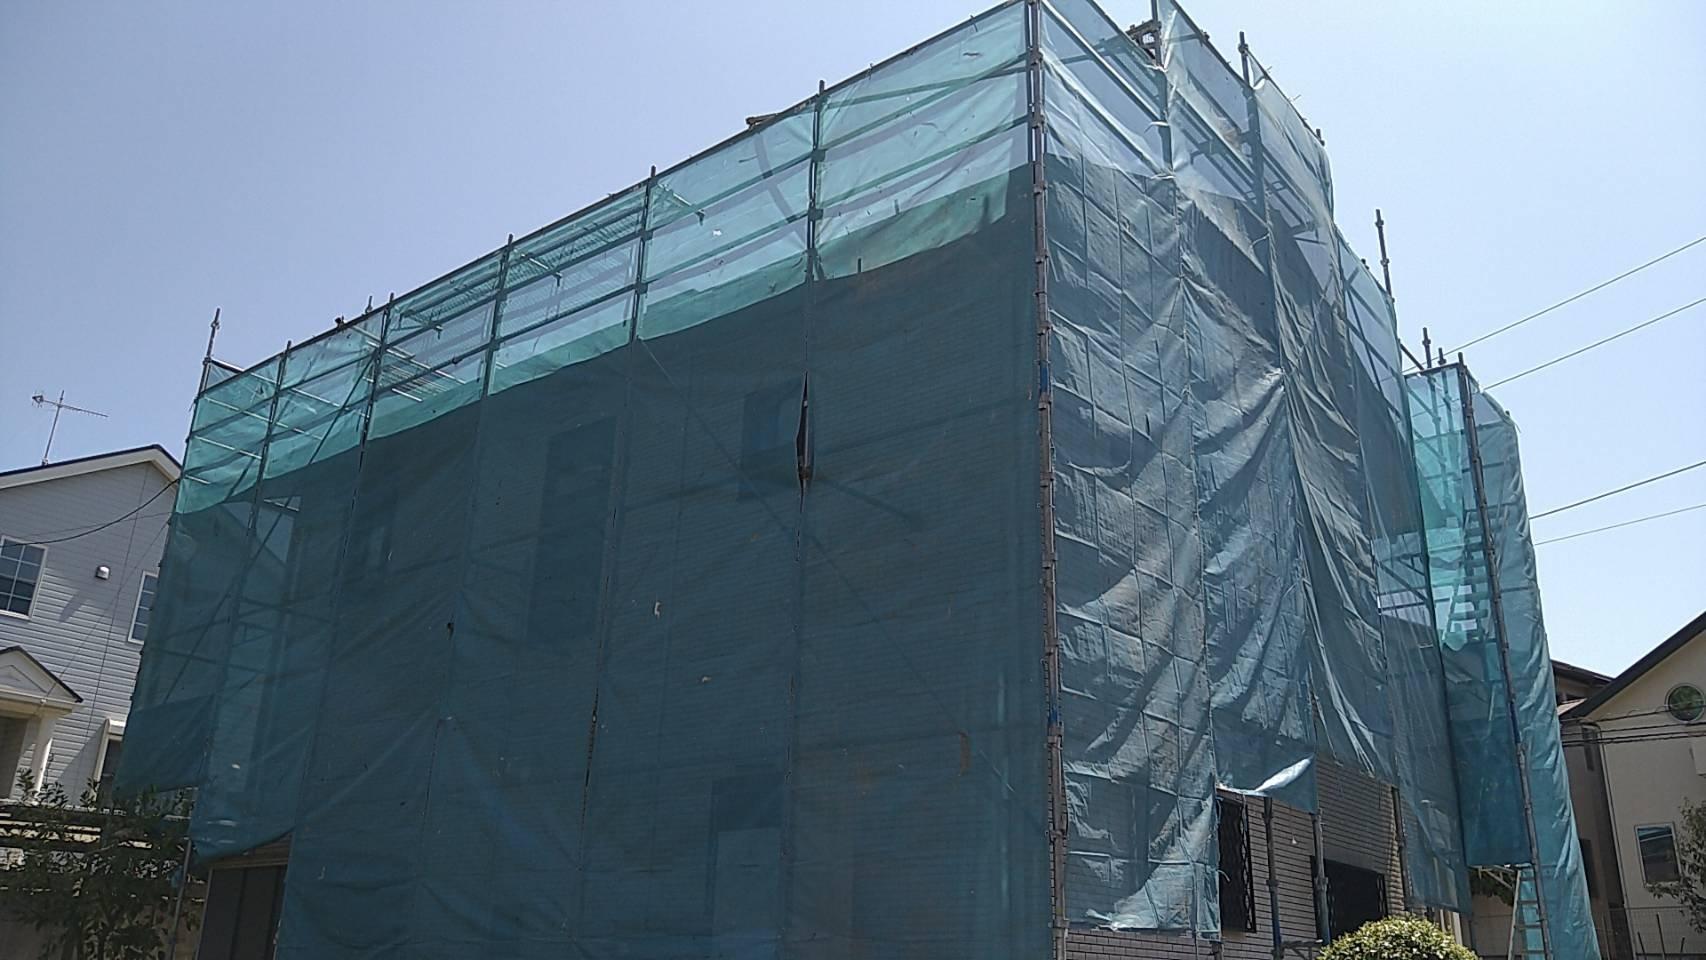 野崎工業 神奈川県海老名市                 足場工事 施工事例                                   屋根塗装用足場